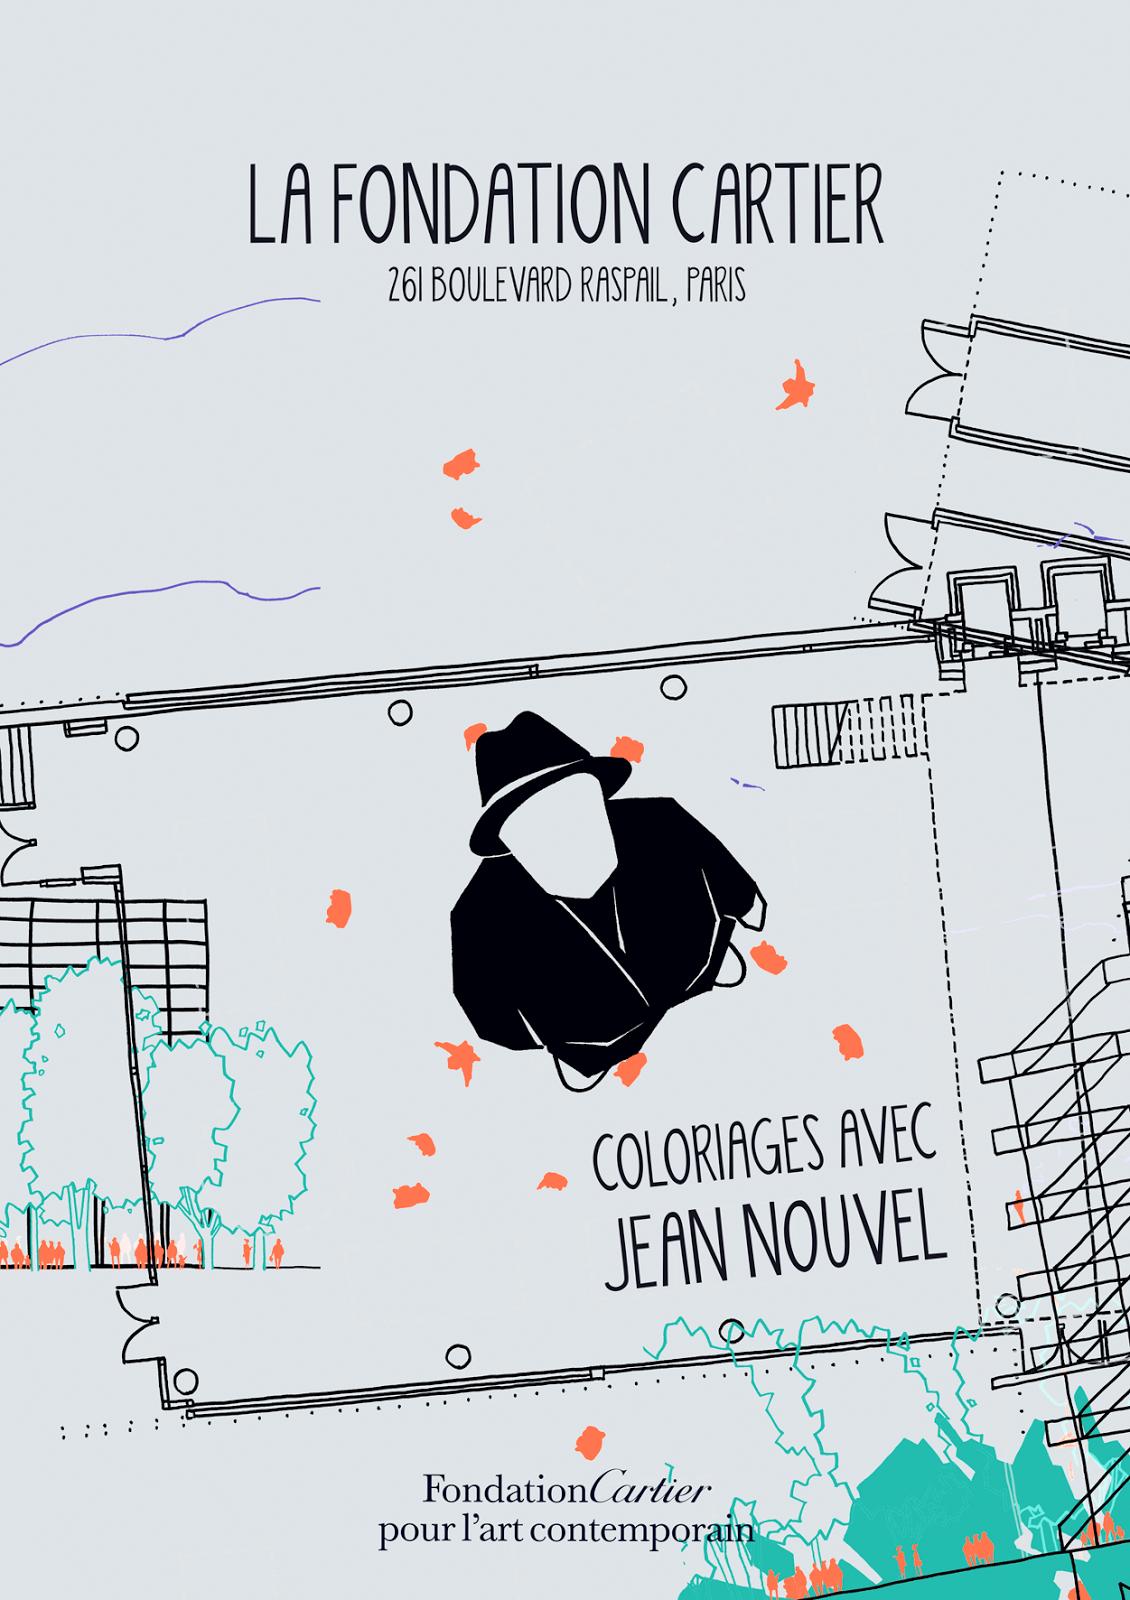 http://presse.fondation.cartier.com/en-ce-moment/la-collection-des-cahiers-de-coloriage/coloriages-avec-jean-nouvel/